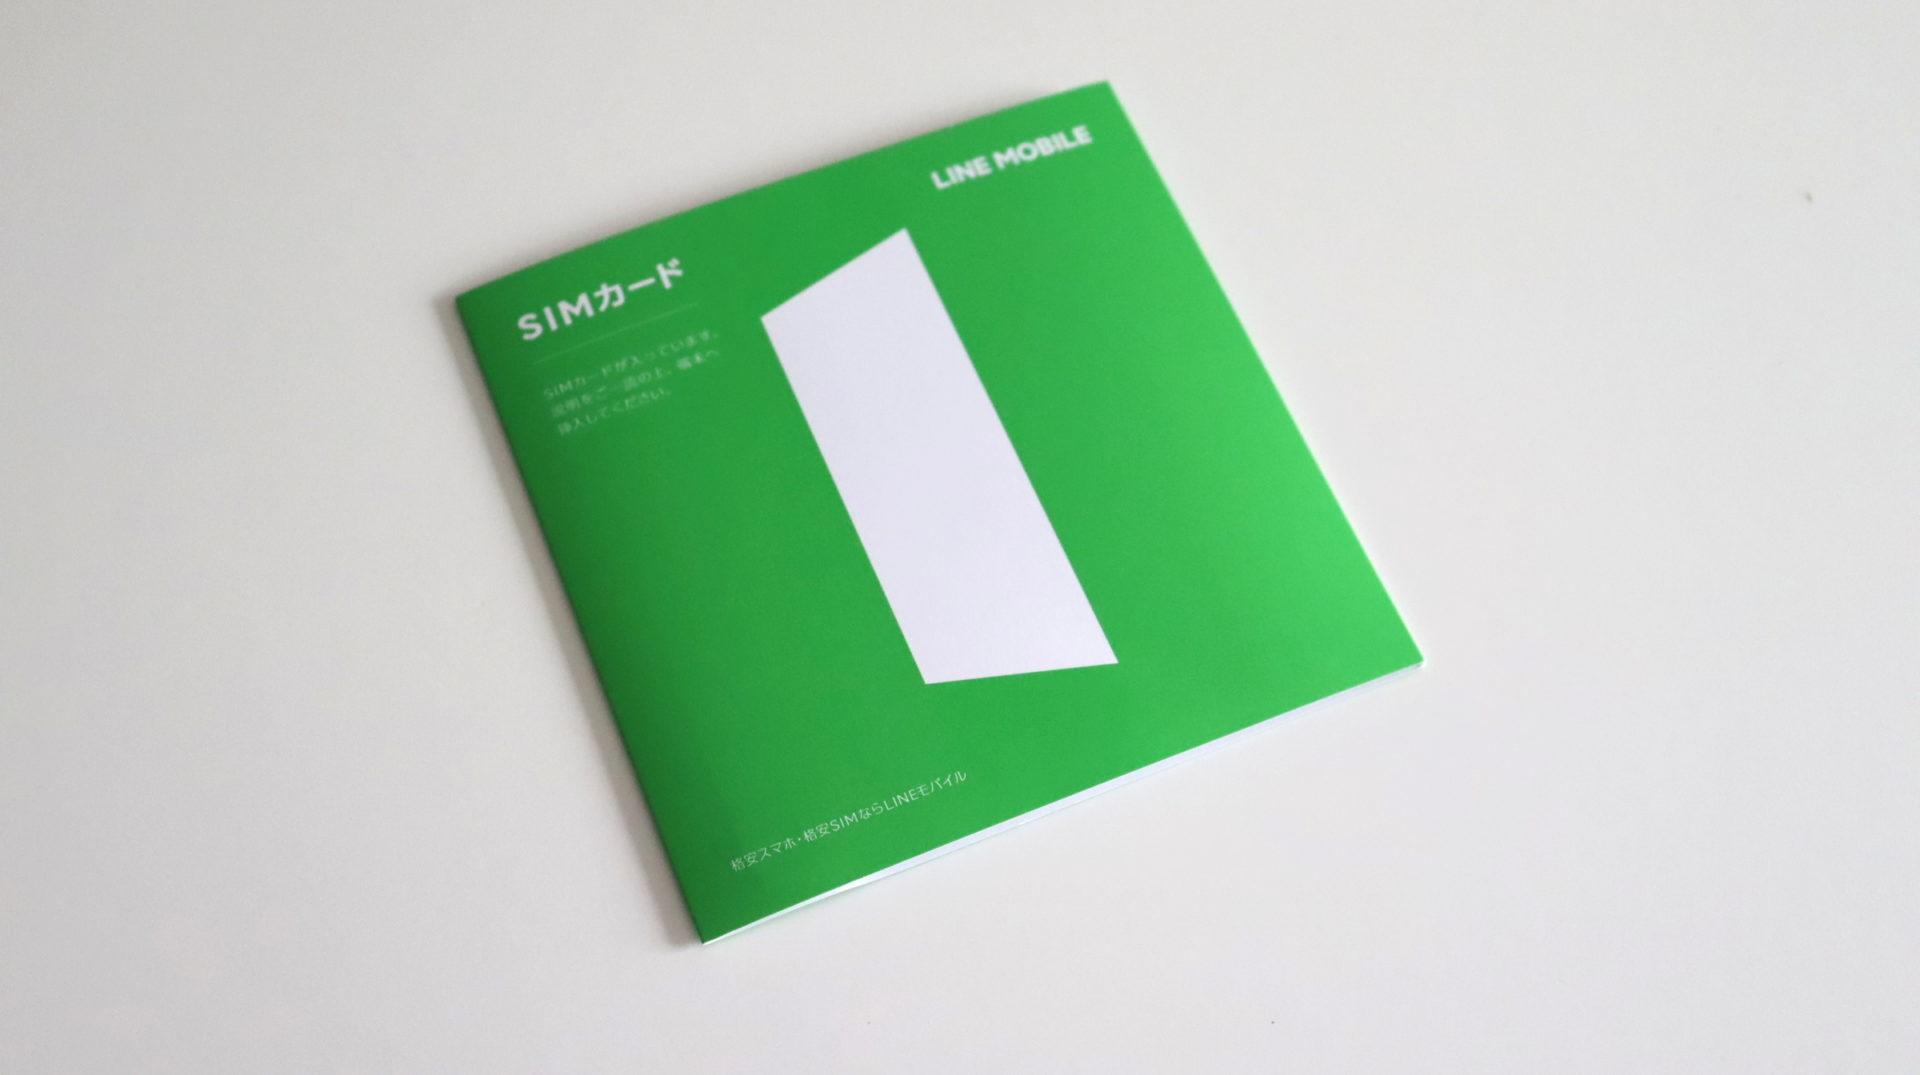 LineモバイルのSIMは緑色